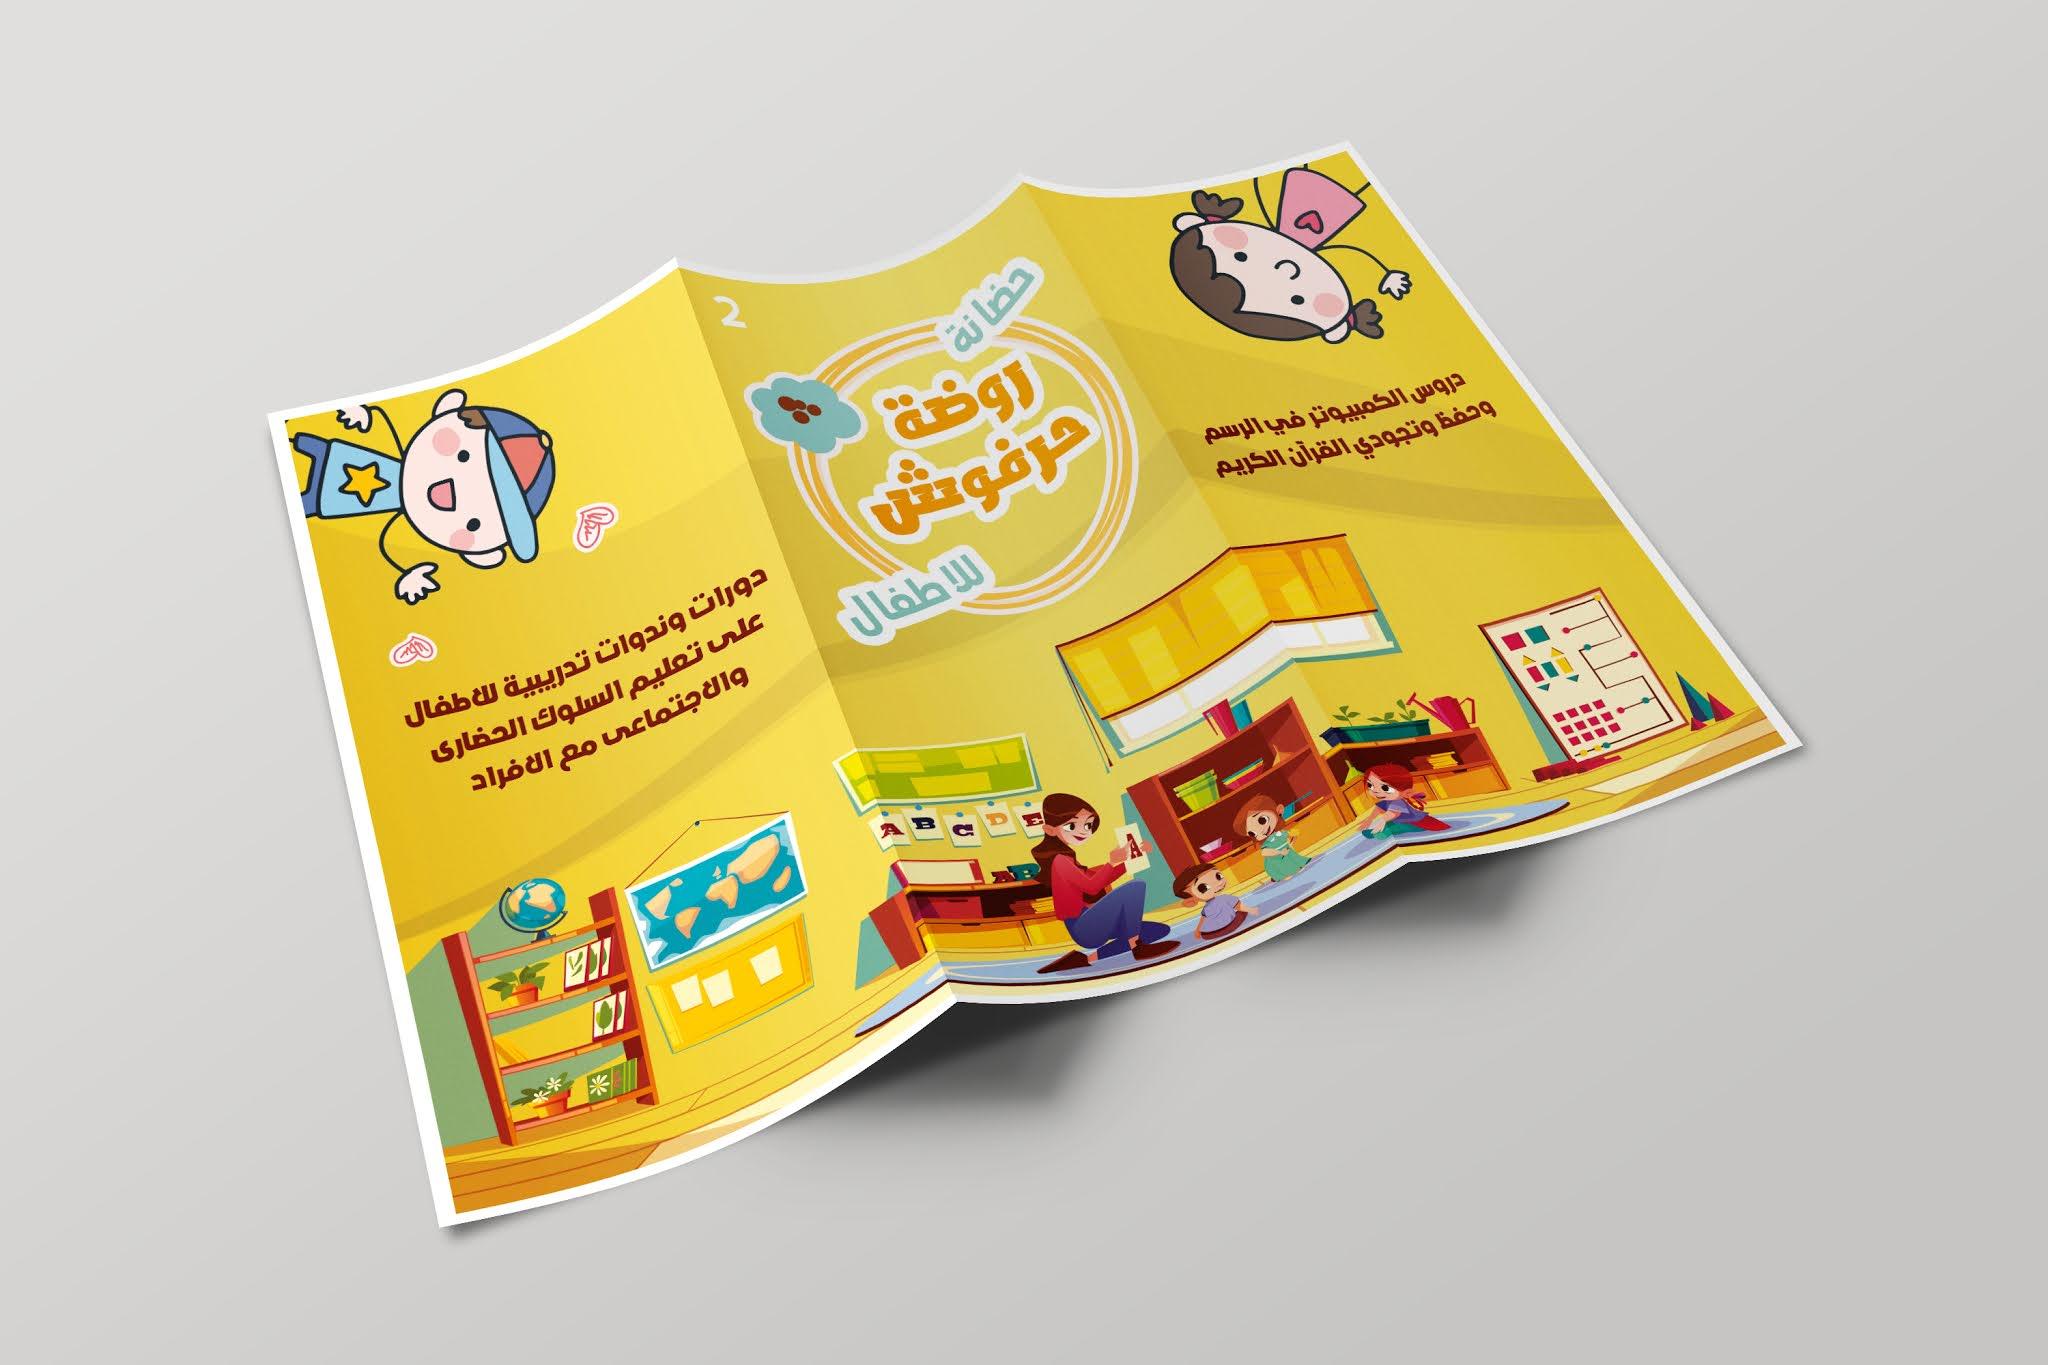 تحميل بروشور psd مفتوح المصدر خاص الحضانة ورياض الاطفال روضة اطفال